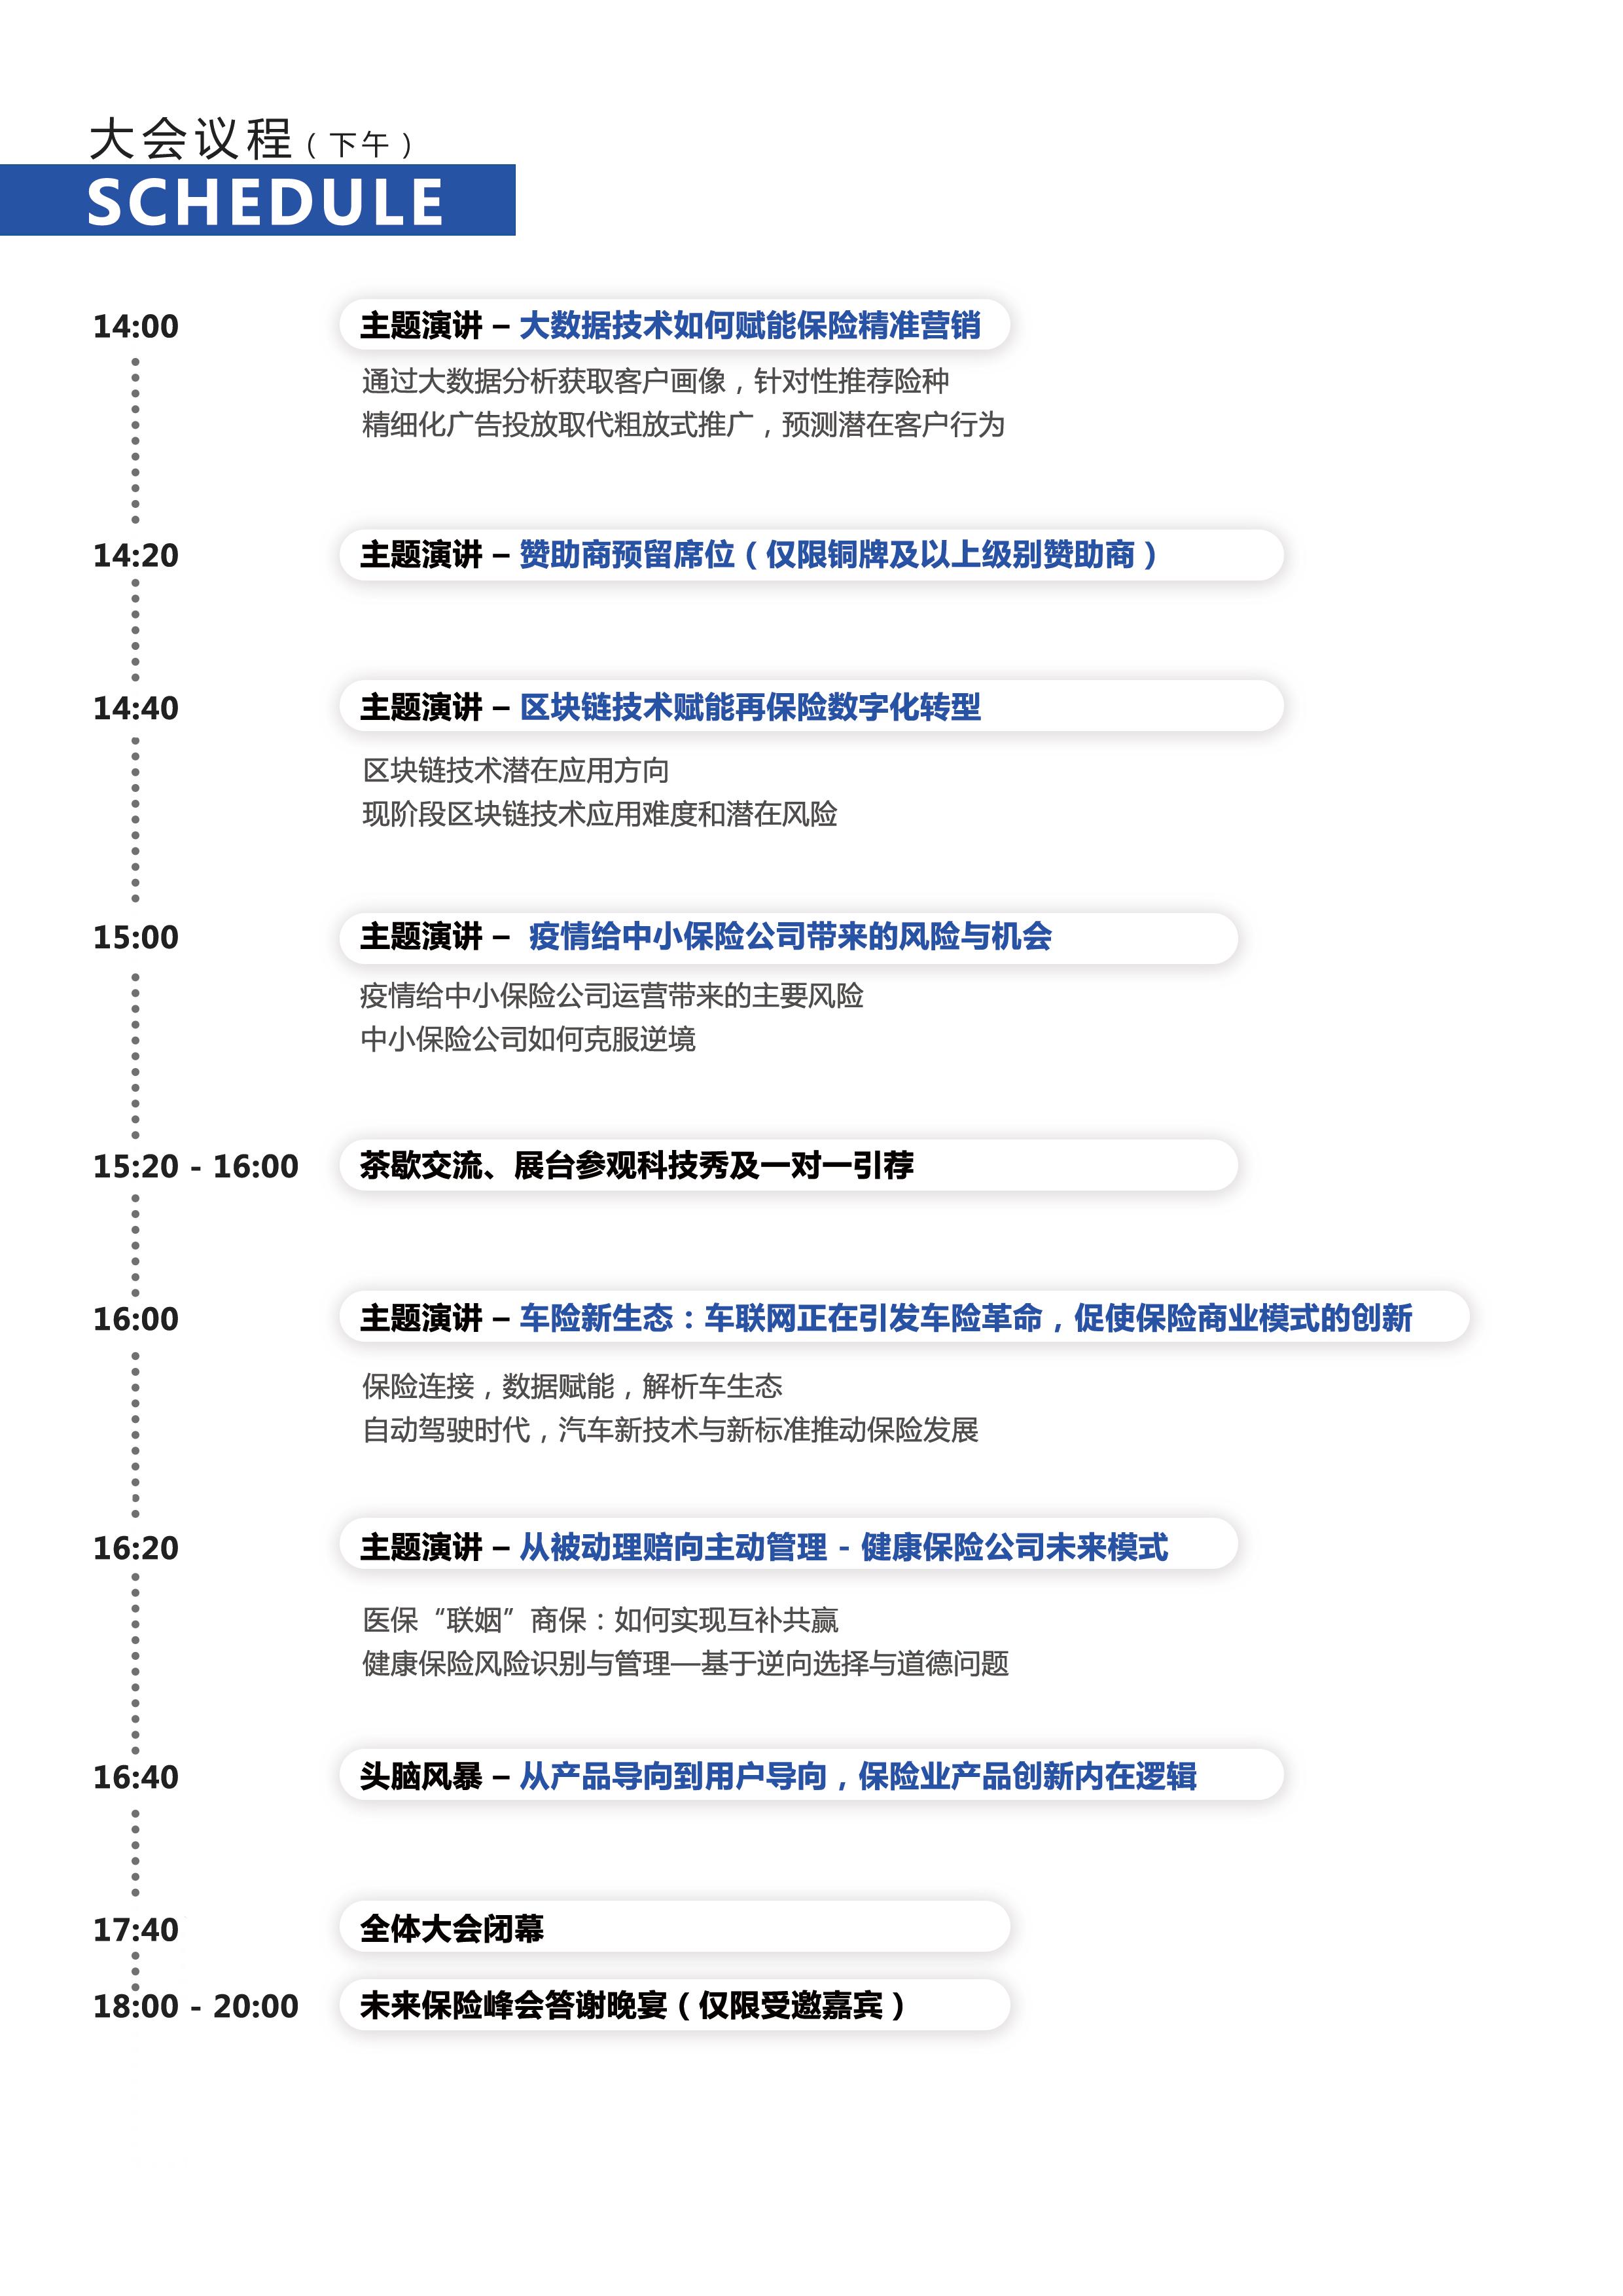 2020第七届INSURFUTURE未来保险峰会(深圳)